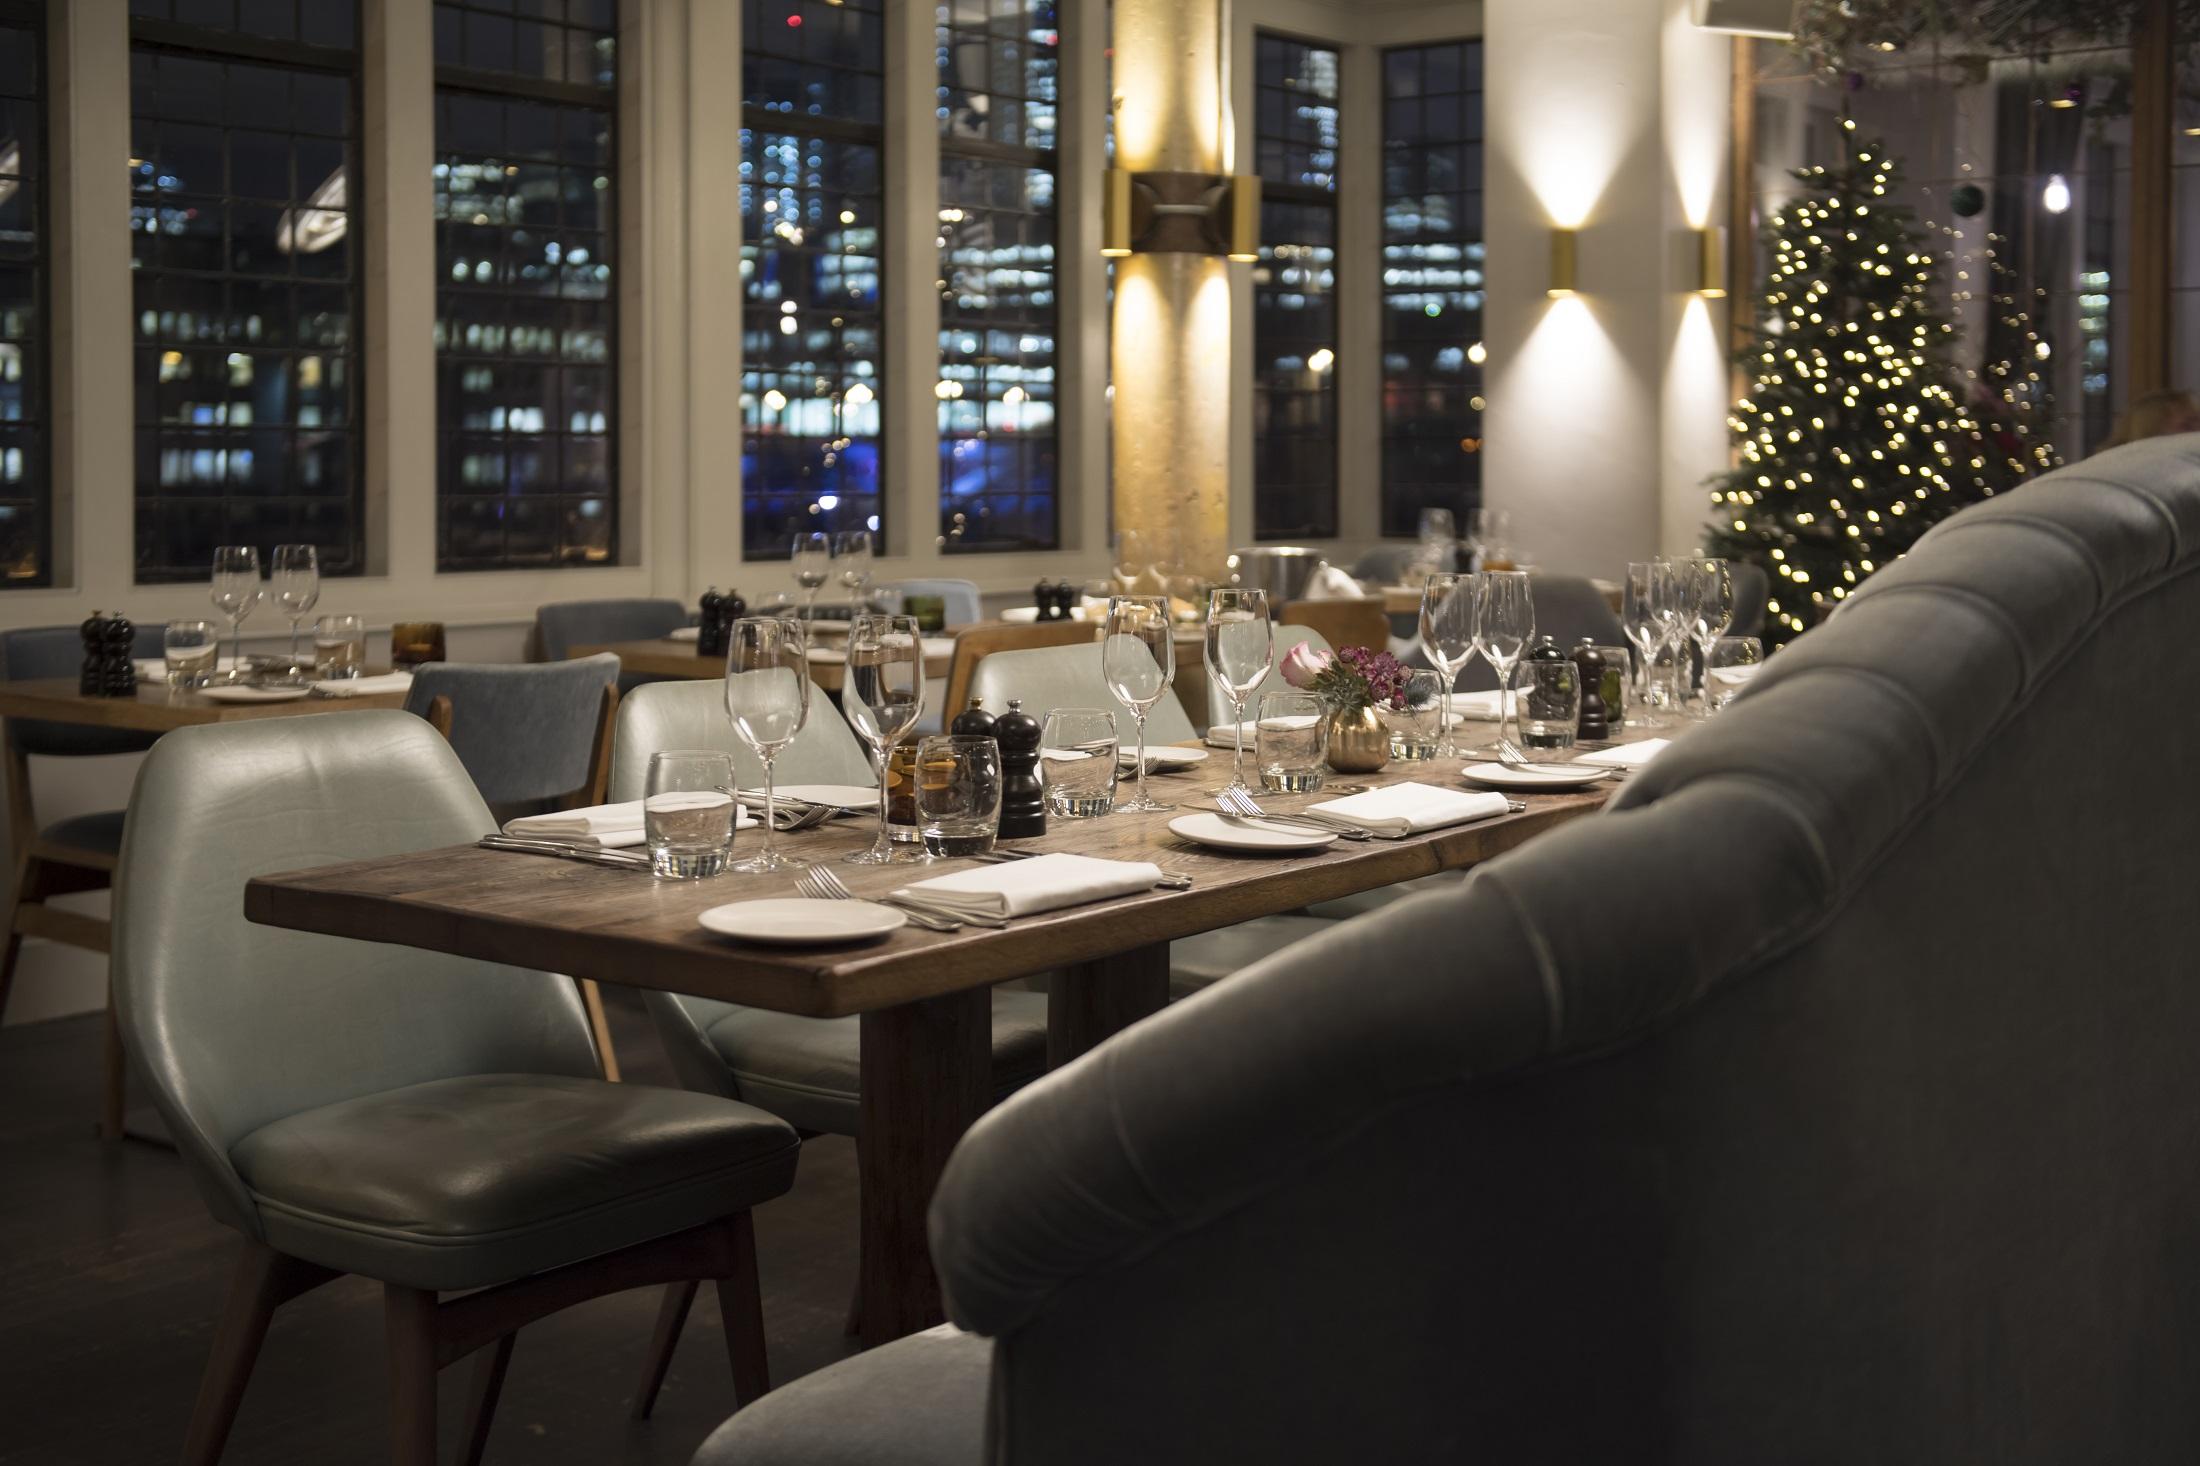 Christmas Restaurant.Christmas In The Restaurant Christmas 2019 Swan